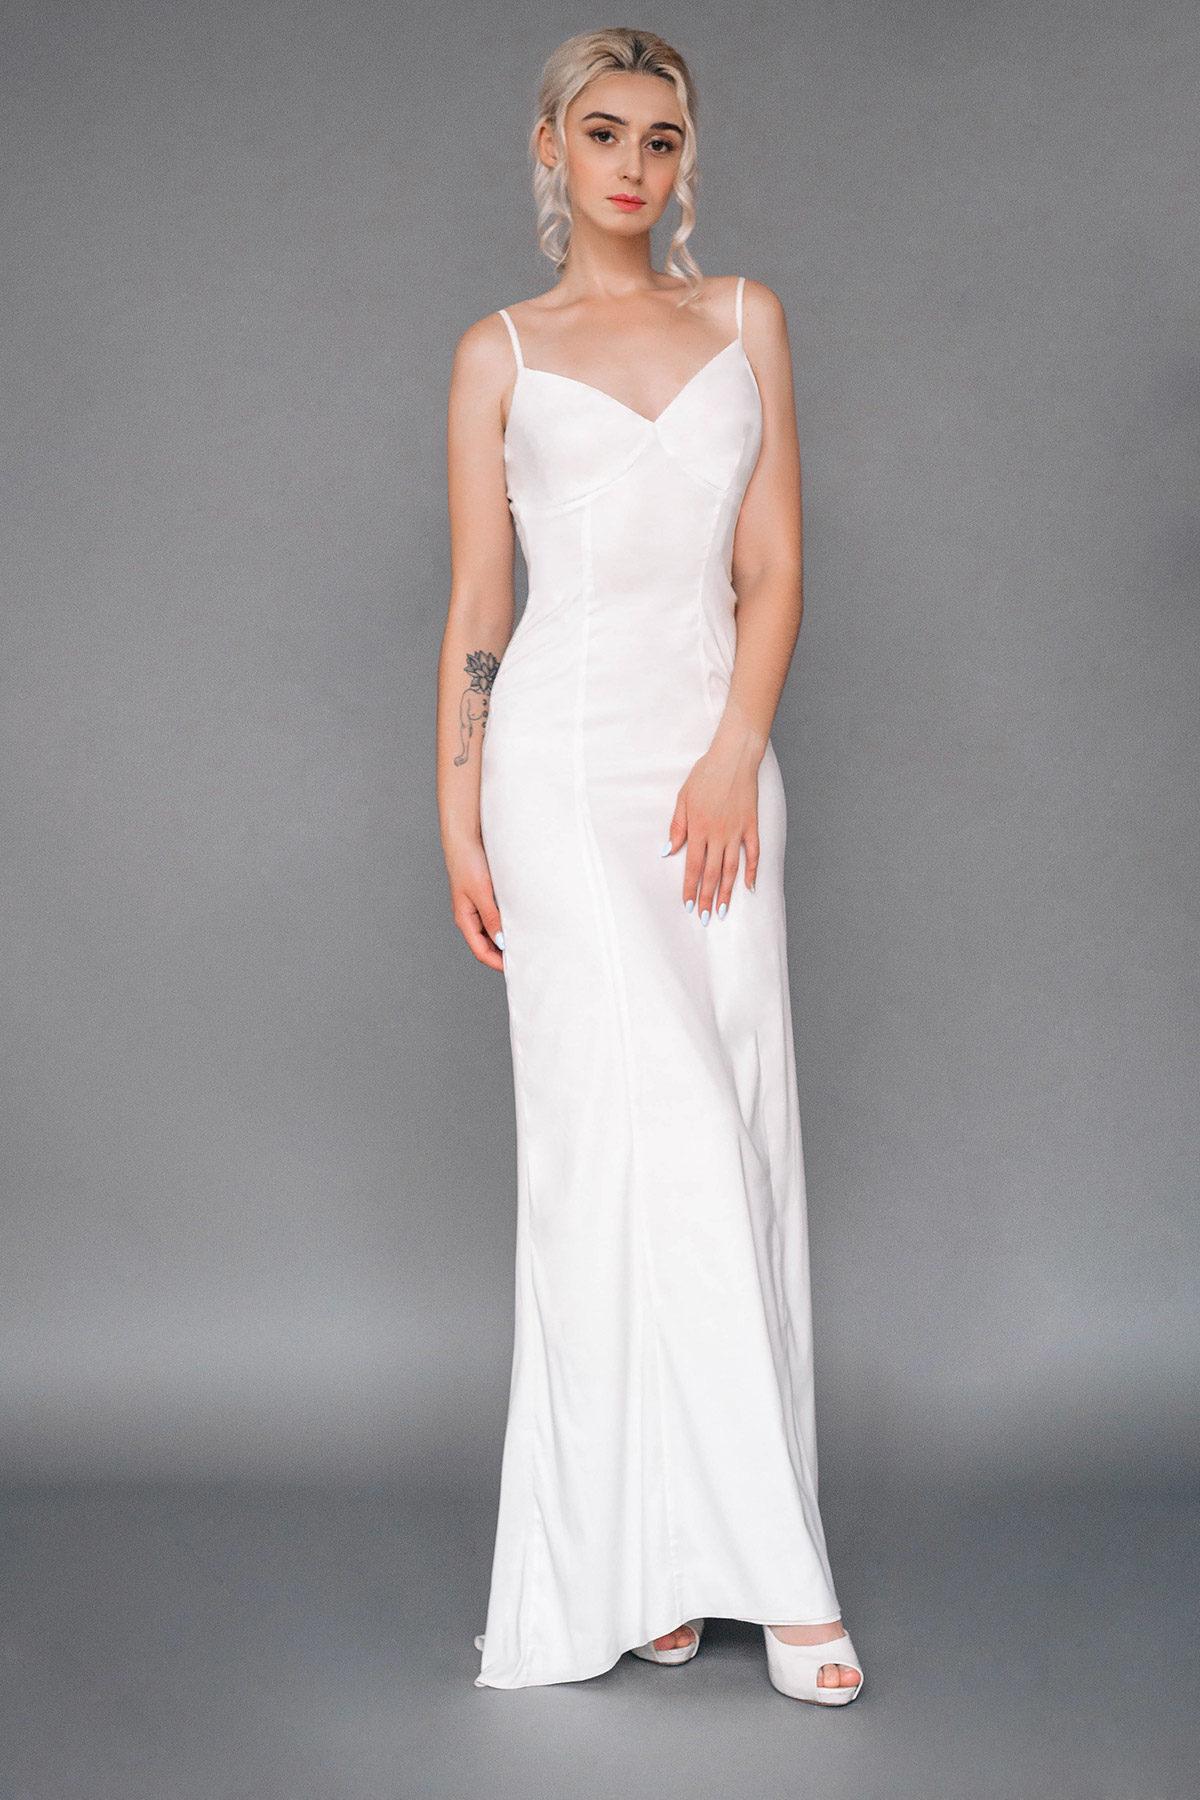 Платье-комбинация с небольшим шлейфом Stunner от Миламира